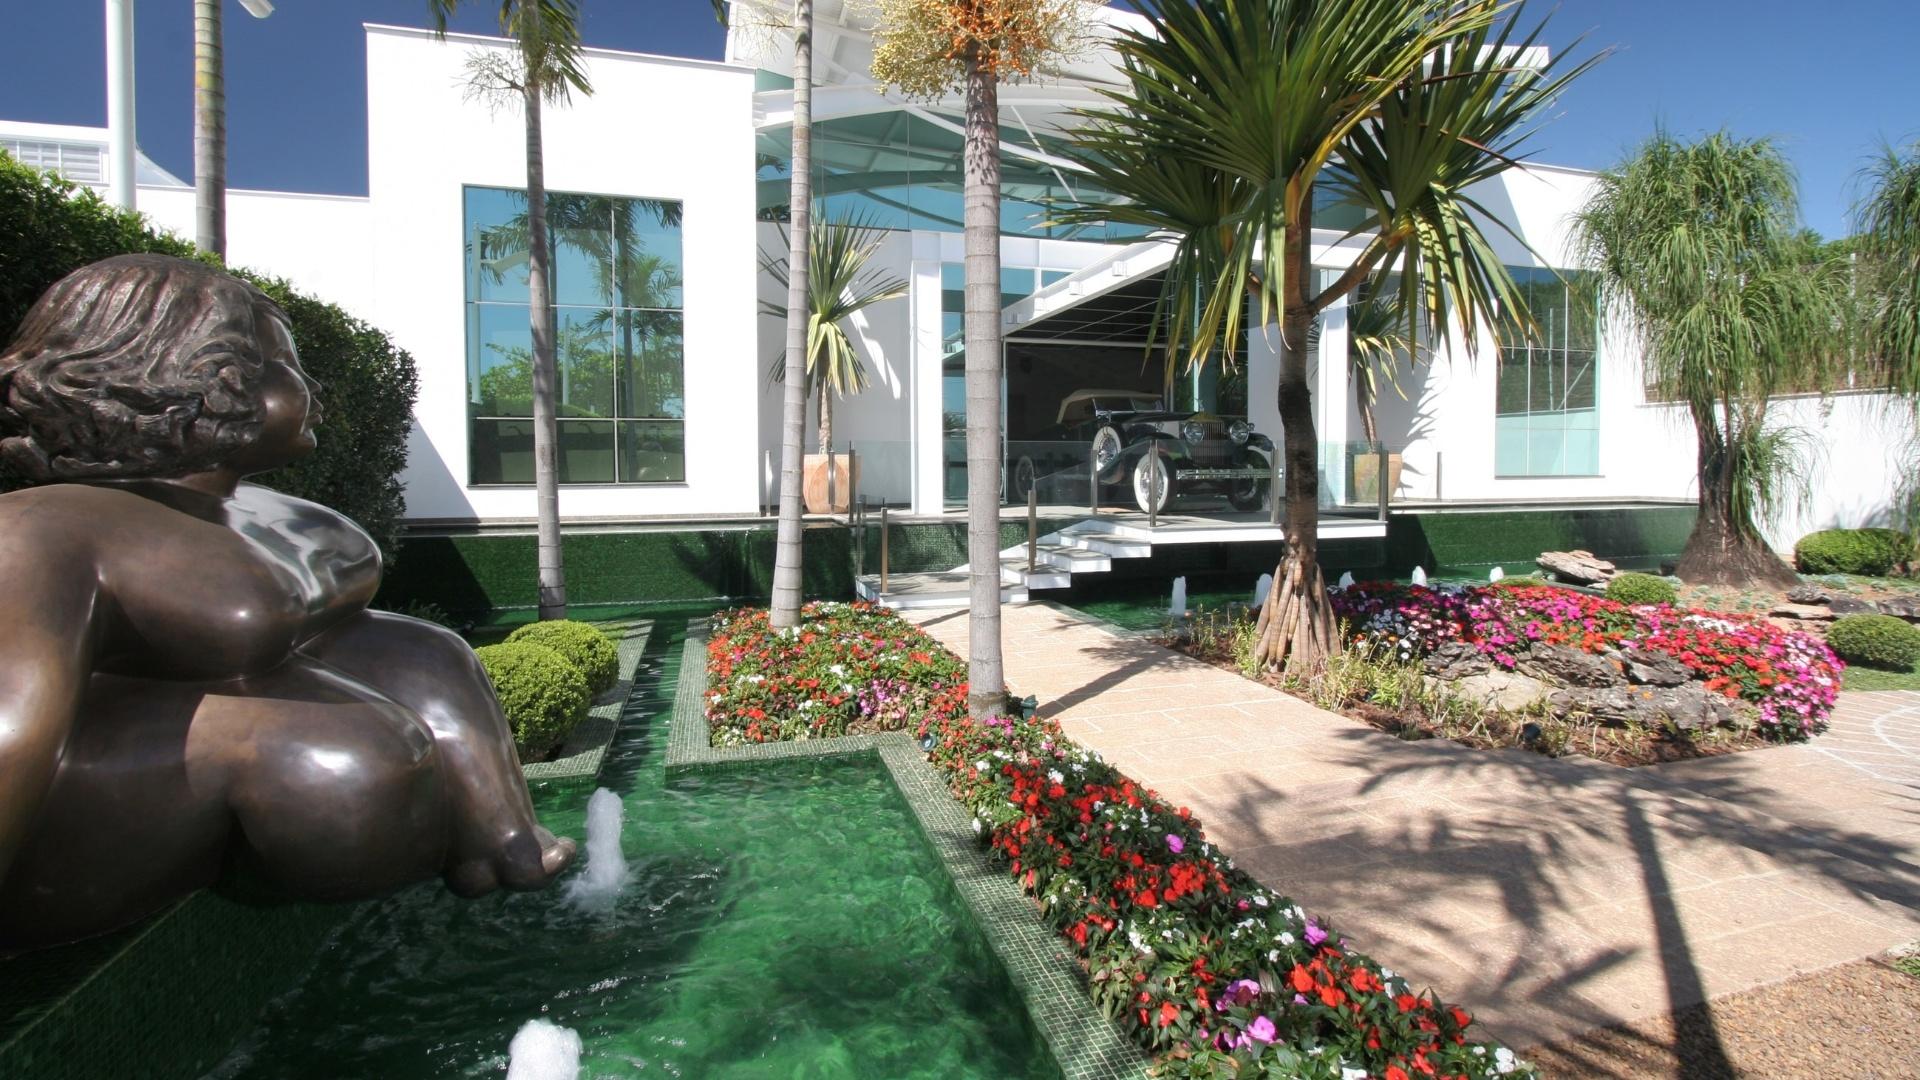 Um grande espelho d'água com linhas retilíneas valoriza a entrada do local de exposição e envolve a escultura estrategicamente instalada, fundida em bronze e de autoria da artista plástica Eliana Kertész. O paisagismo do salão de festas é assinado pelo arquiteto e paisagista Marcelo Novaes